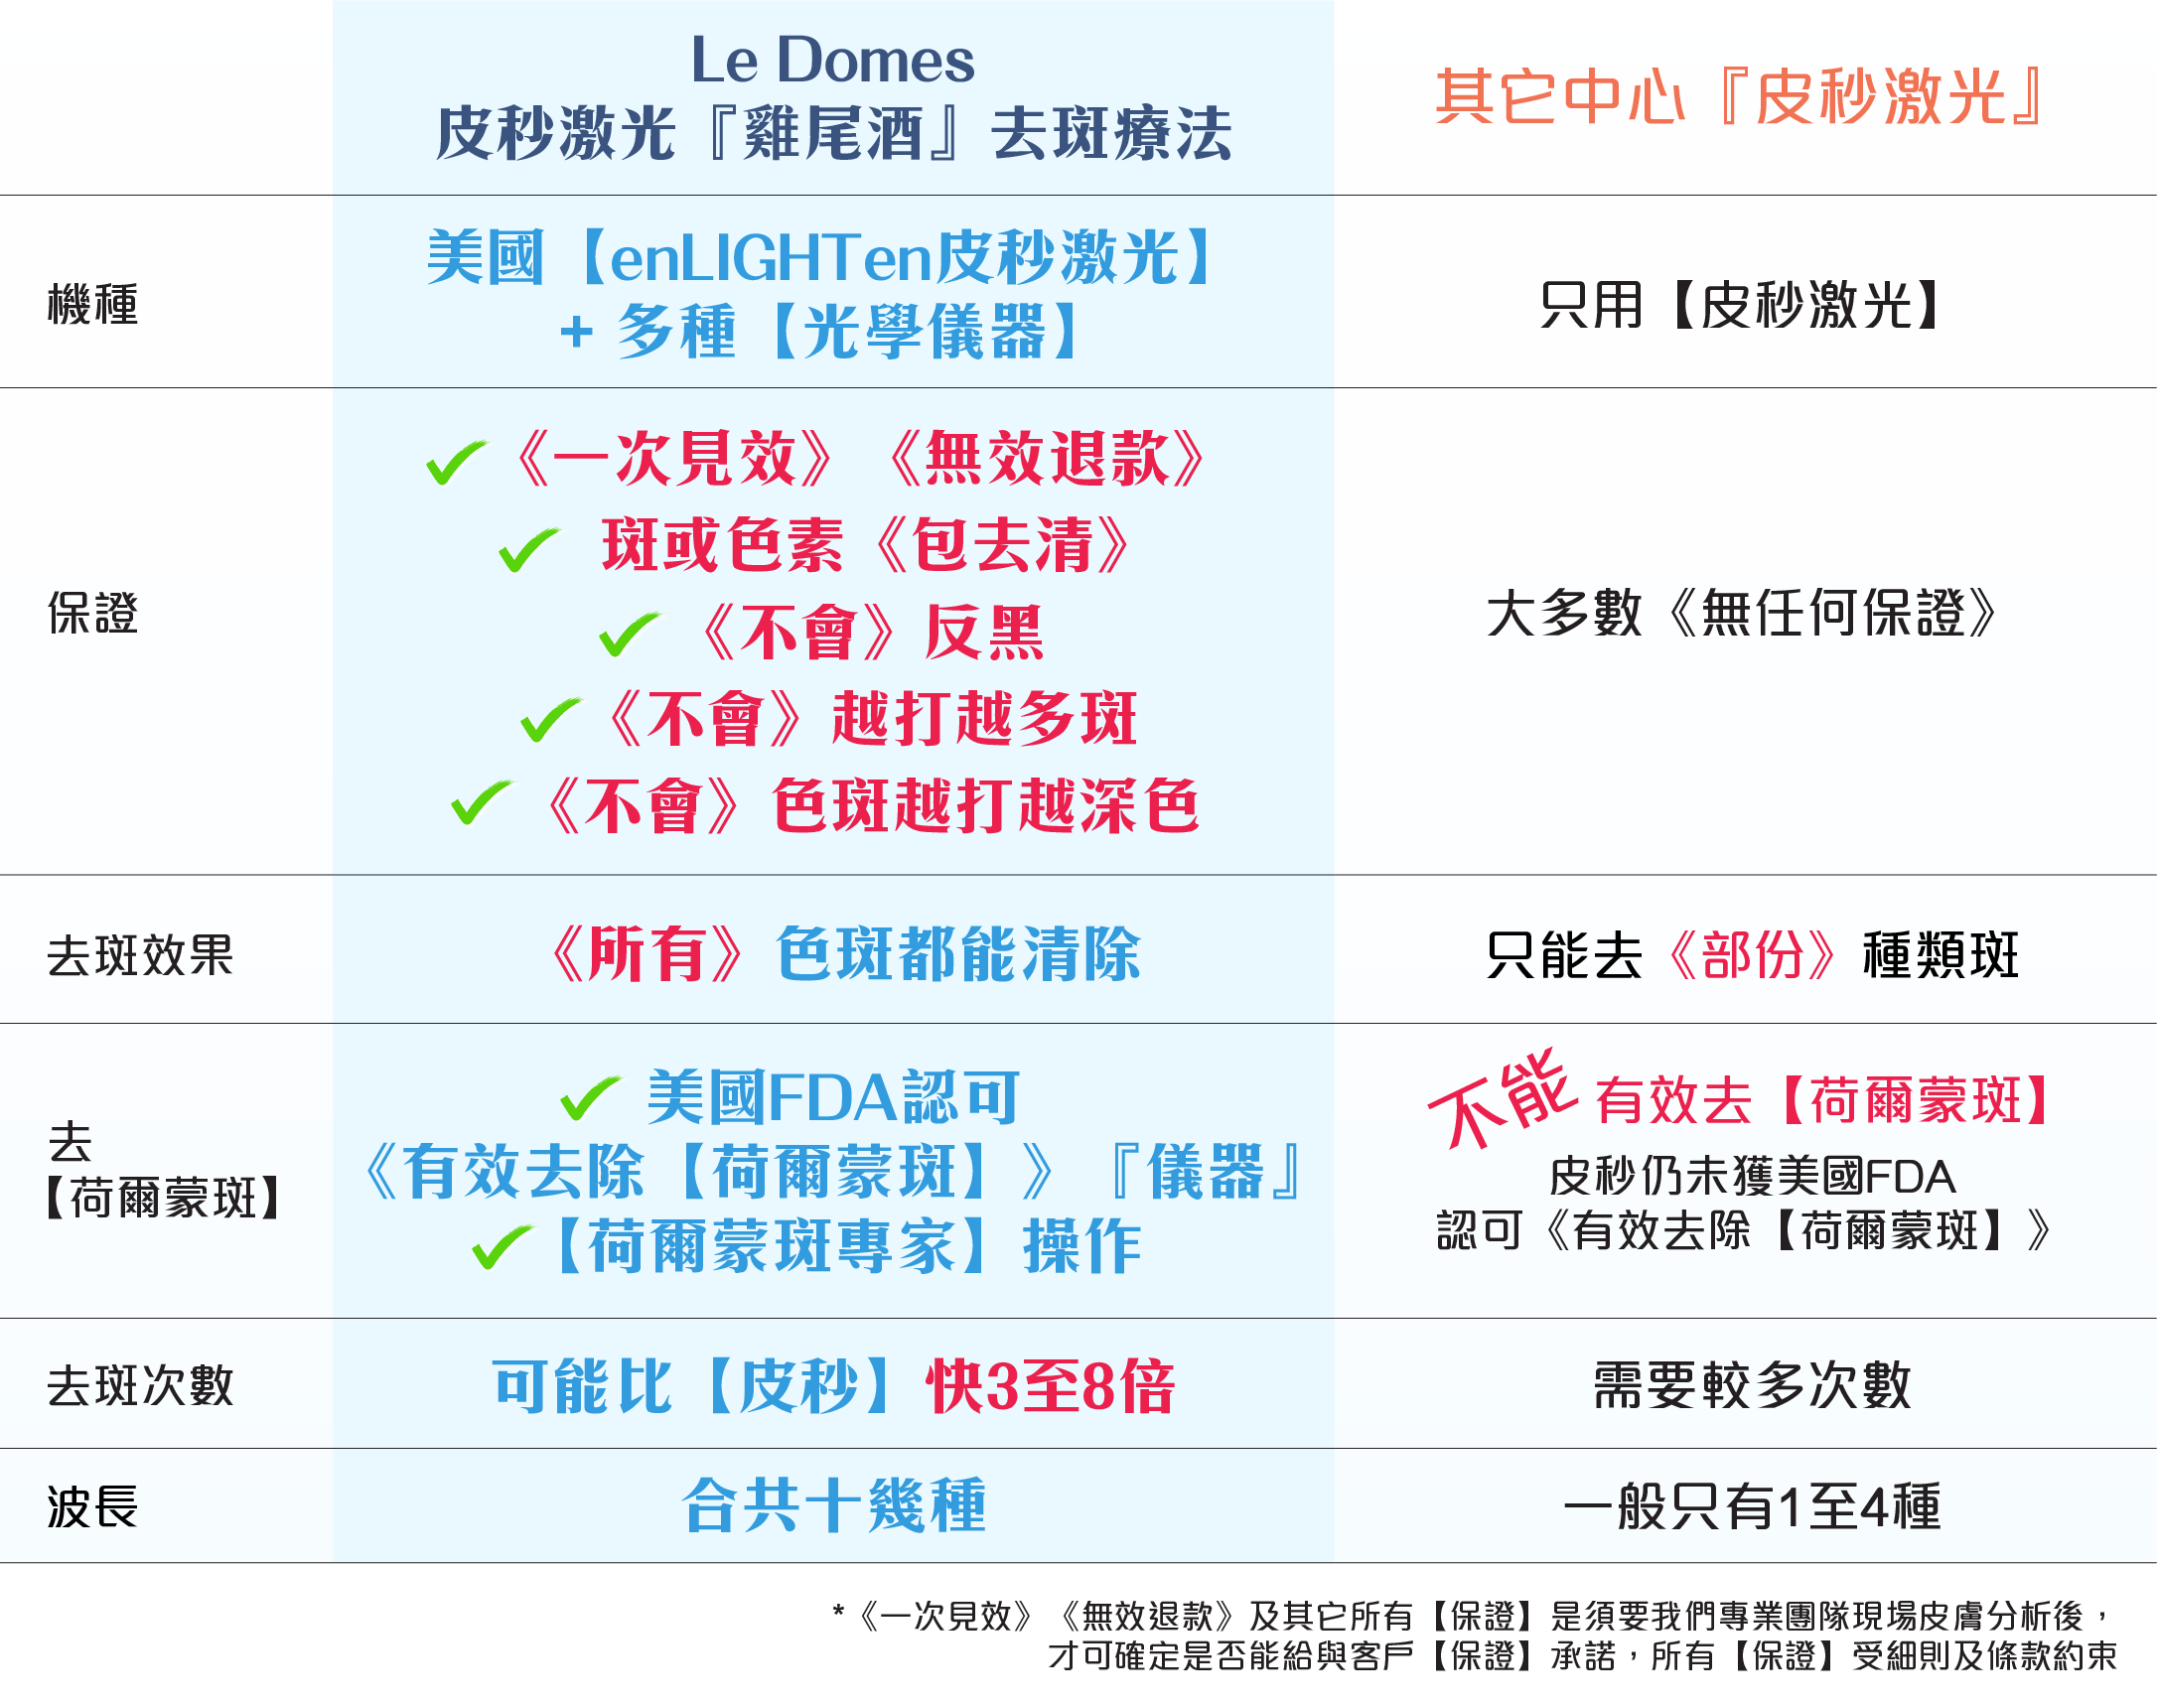 compare_copy-01